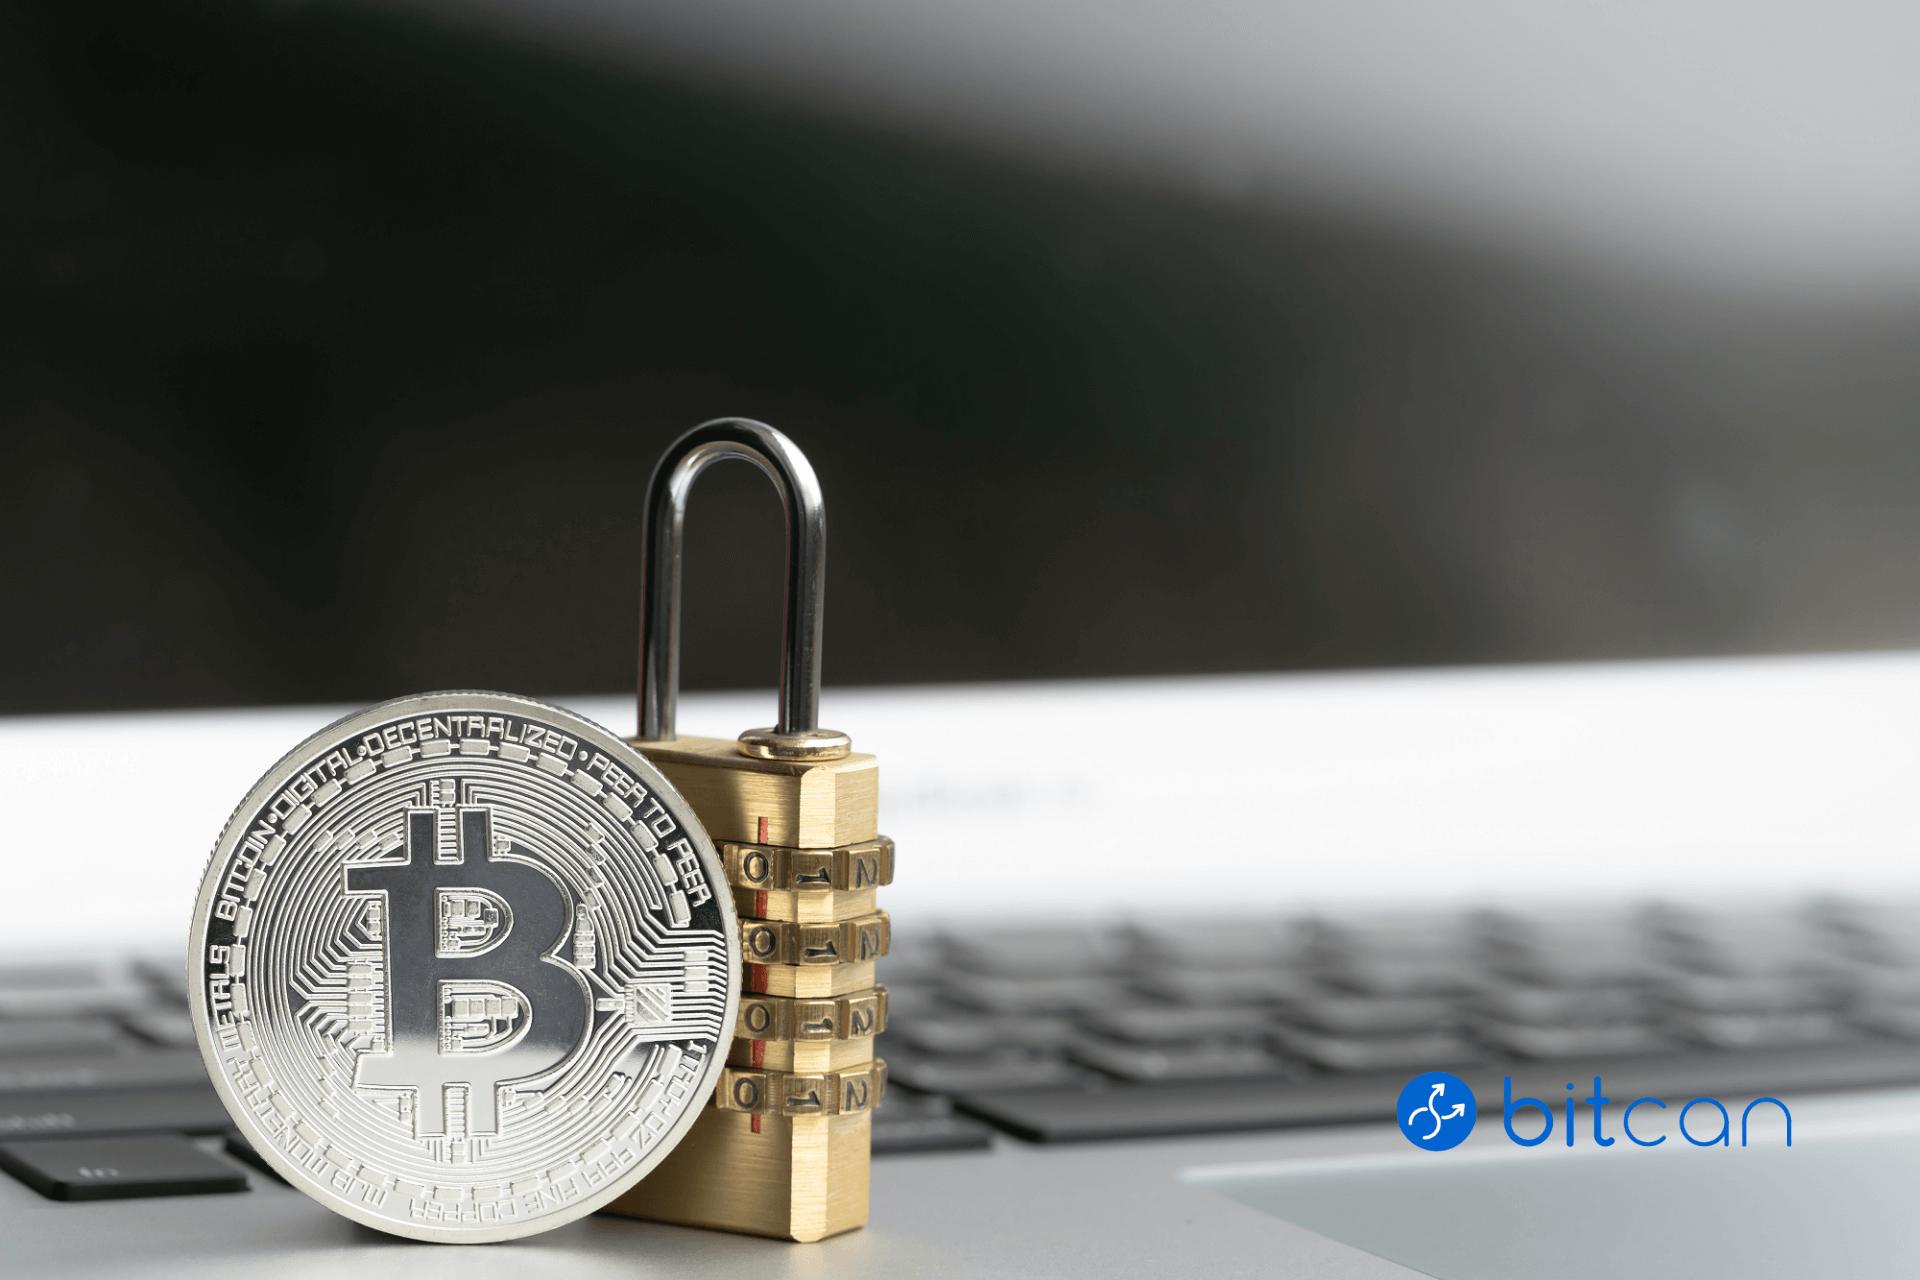 Dlaczego bitcoin jest niebezpieczny? Czy BTC to rzeczywiście ryzyko?